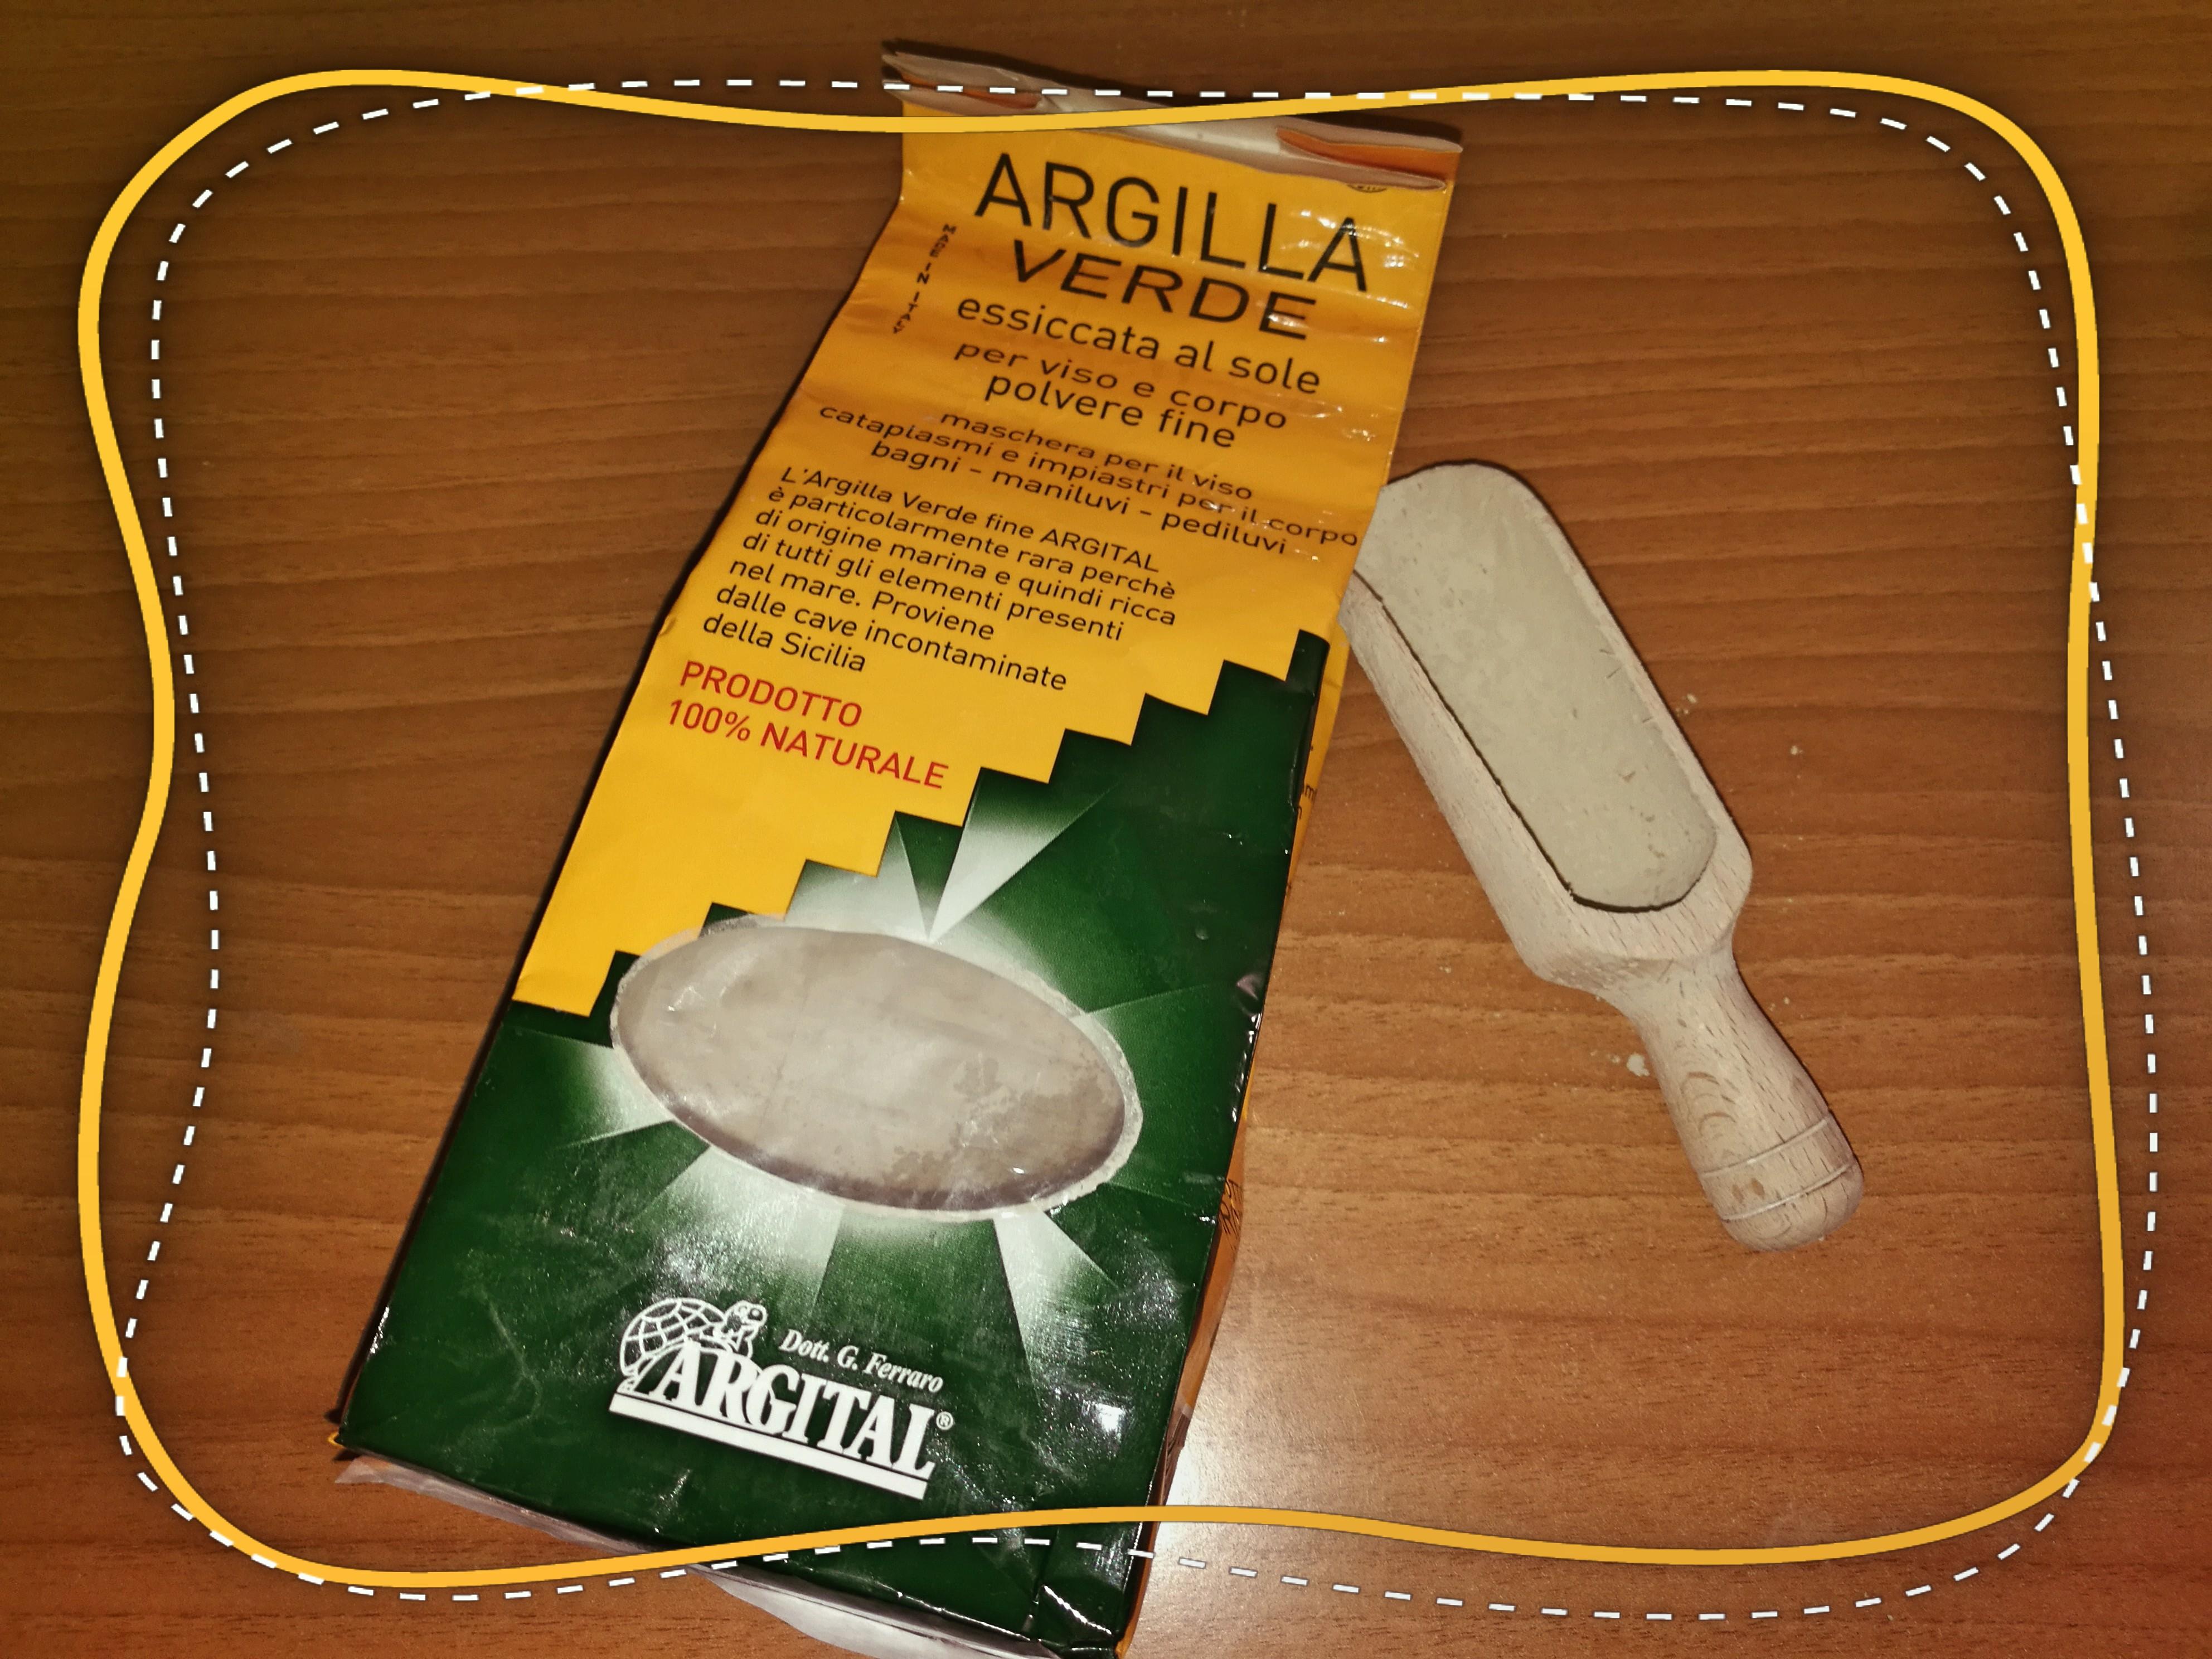 Capelli grassi Archivi - Passione Naturale 9c2a4af86d6c